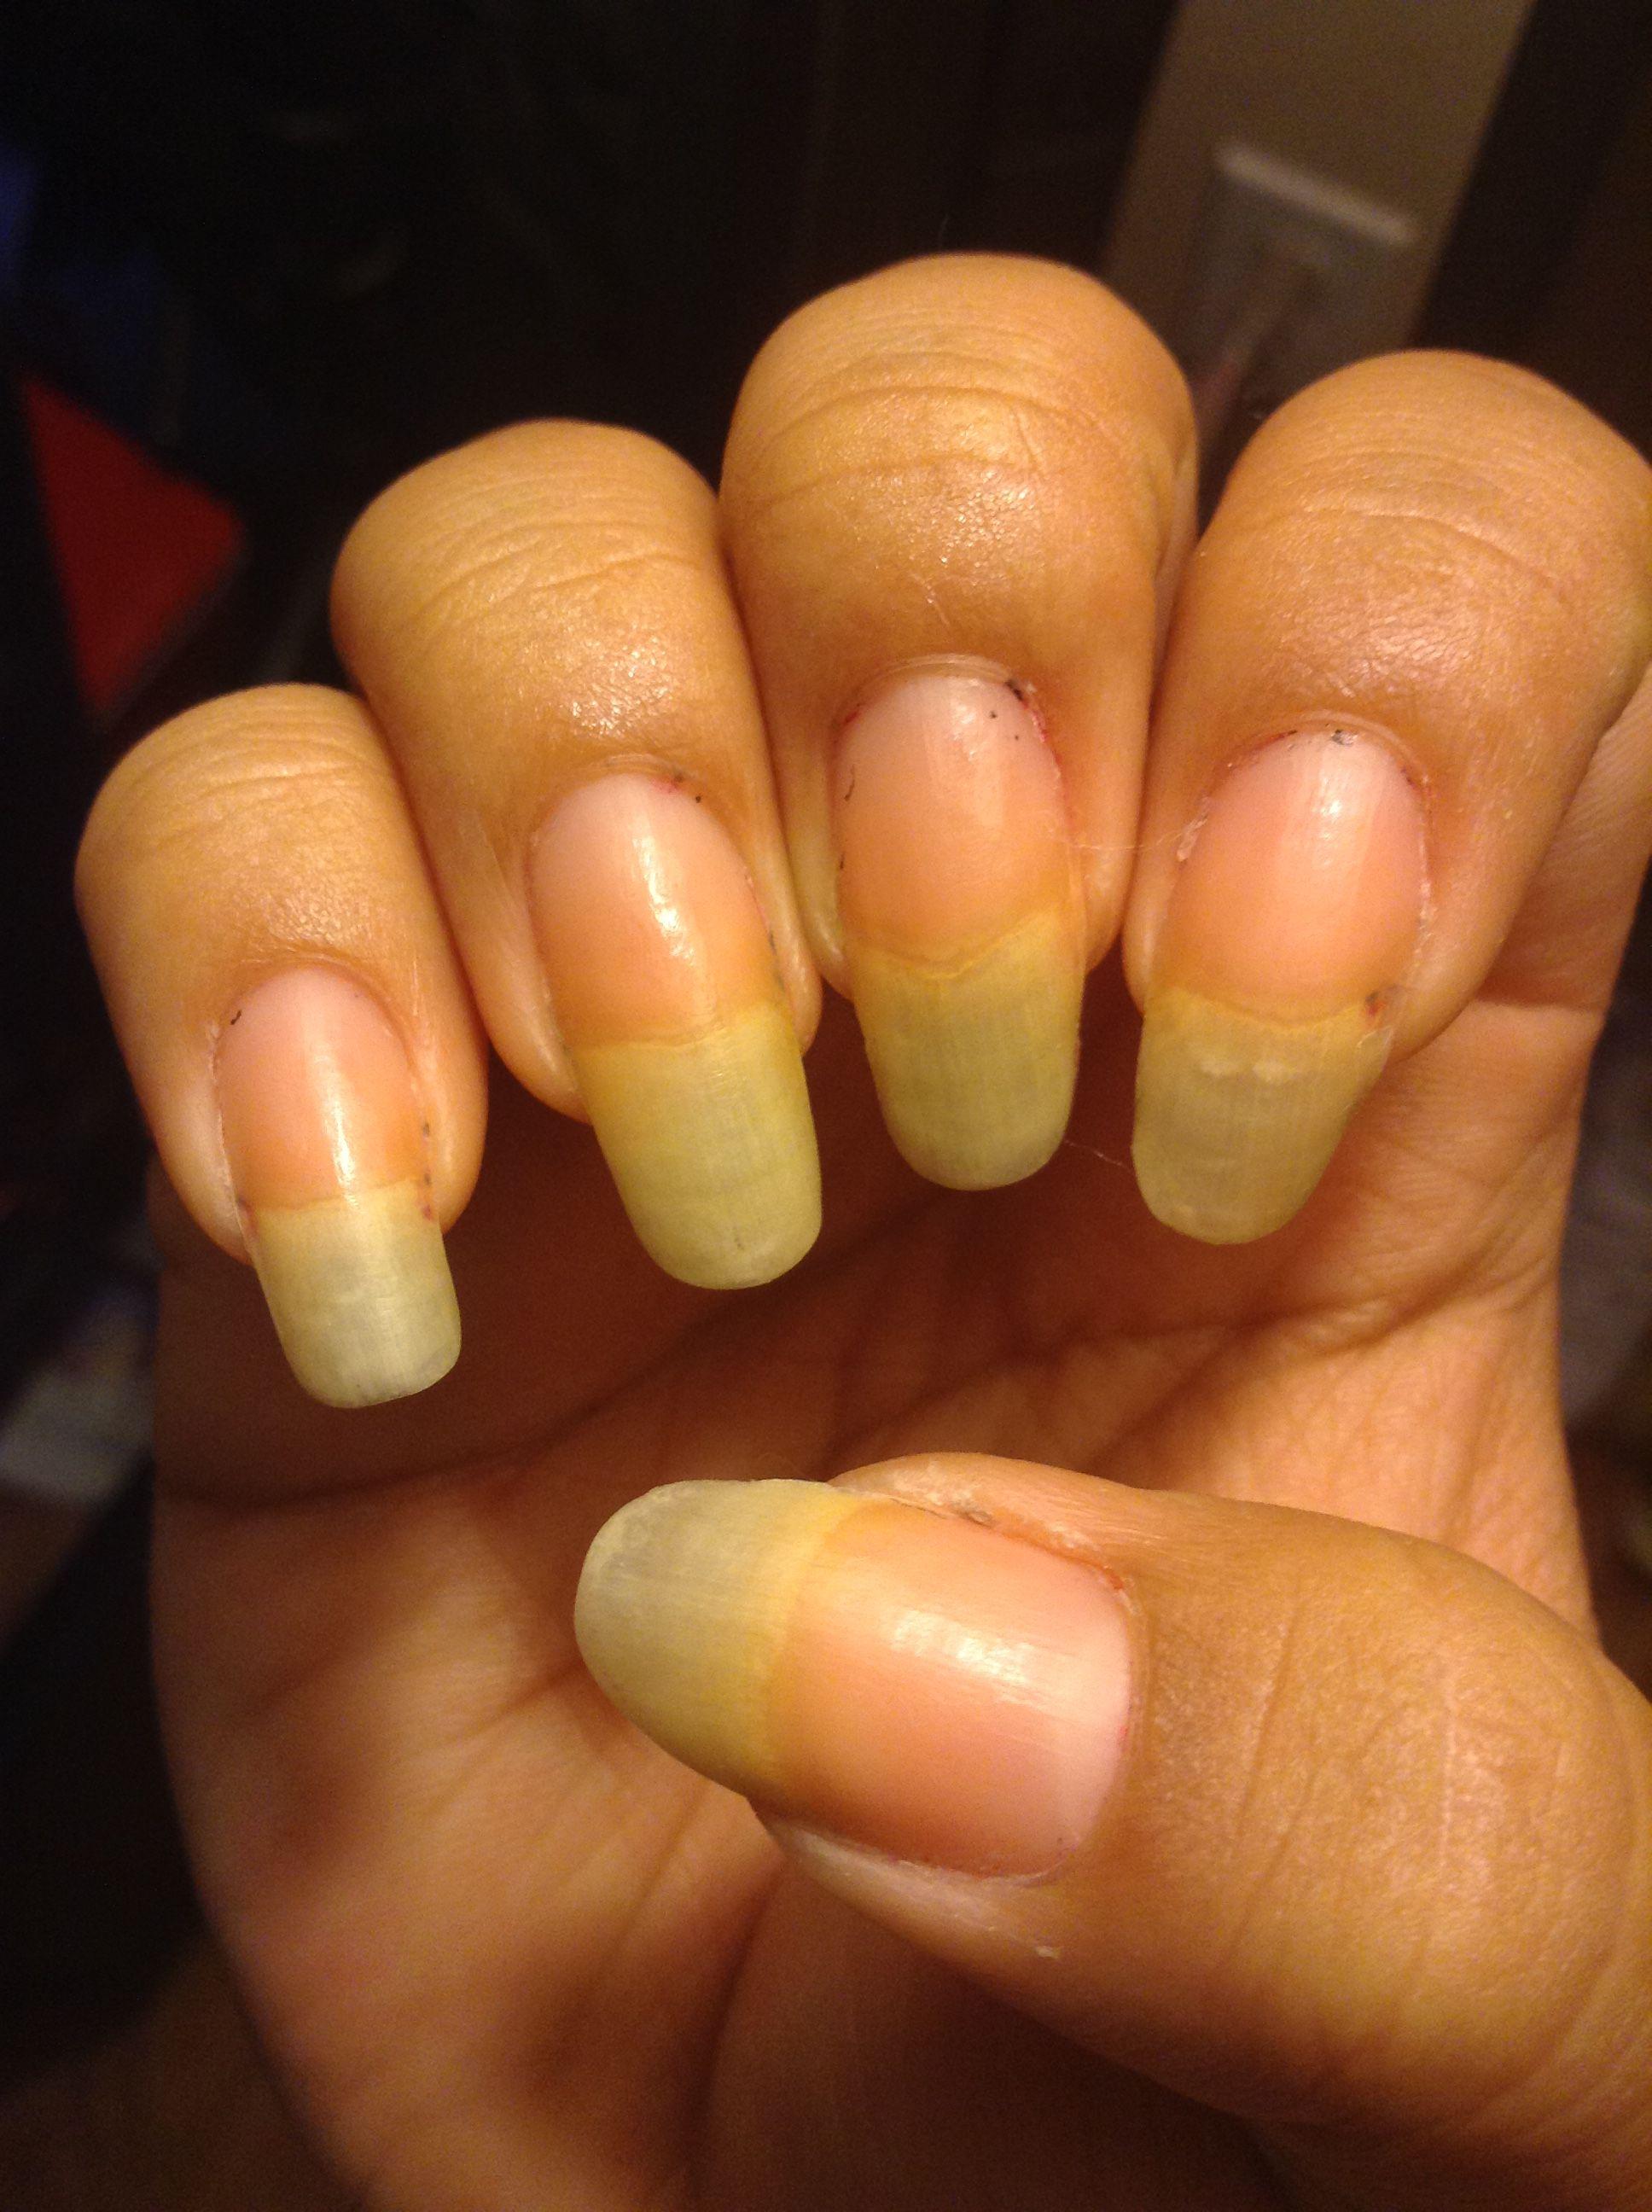 My Natural Nails Bb Natural Nails Nails Grow Out